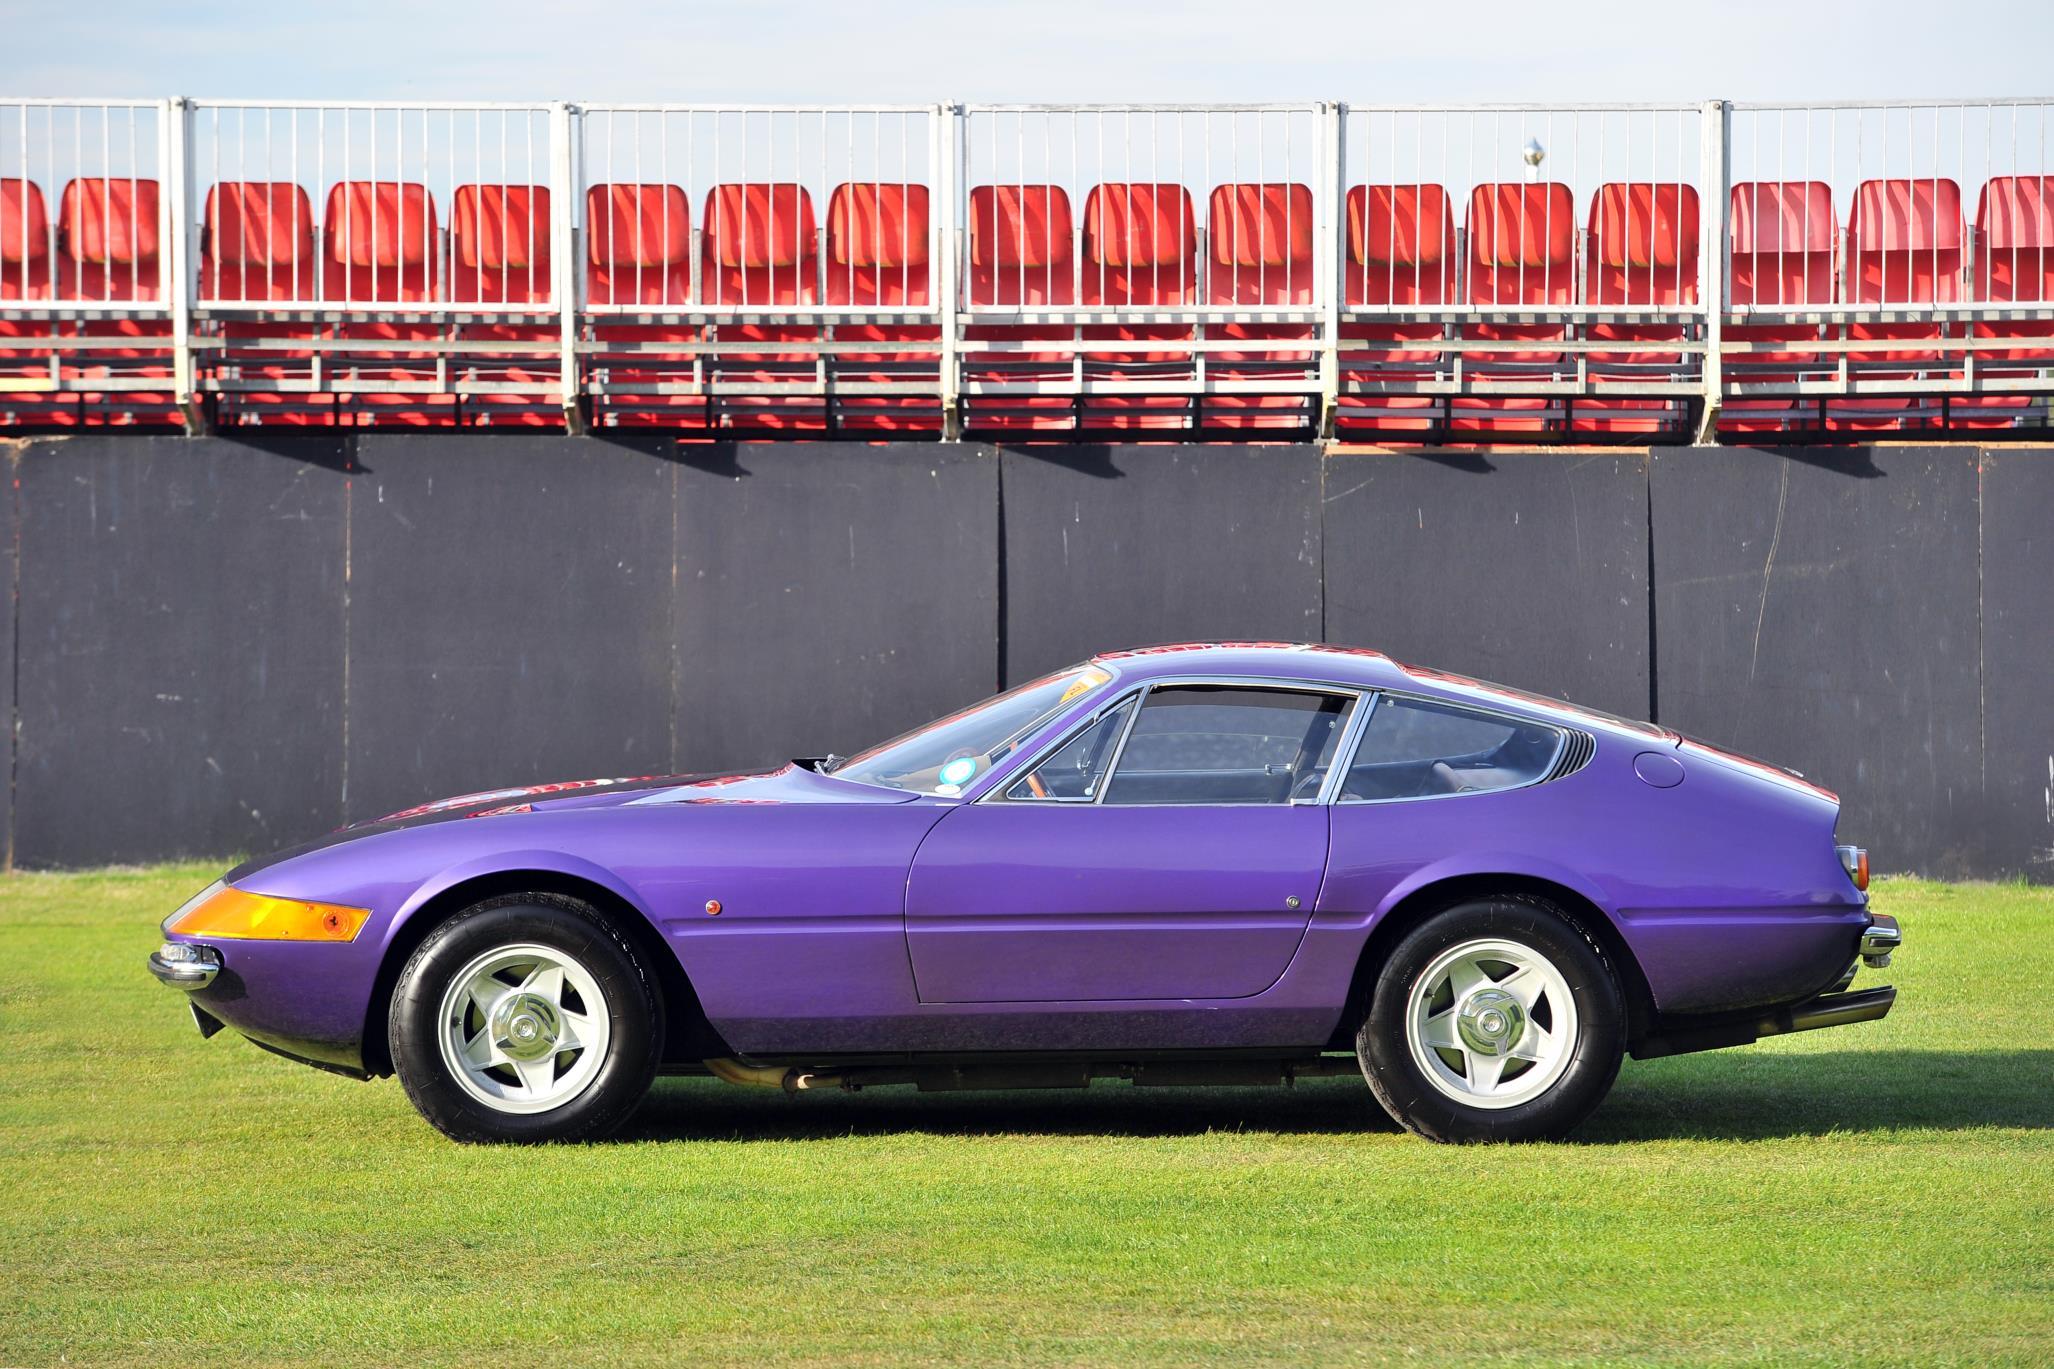 Ferrari 365 GTB_4 'Daytona'